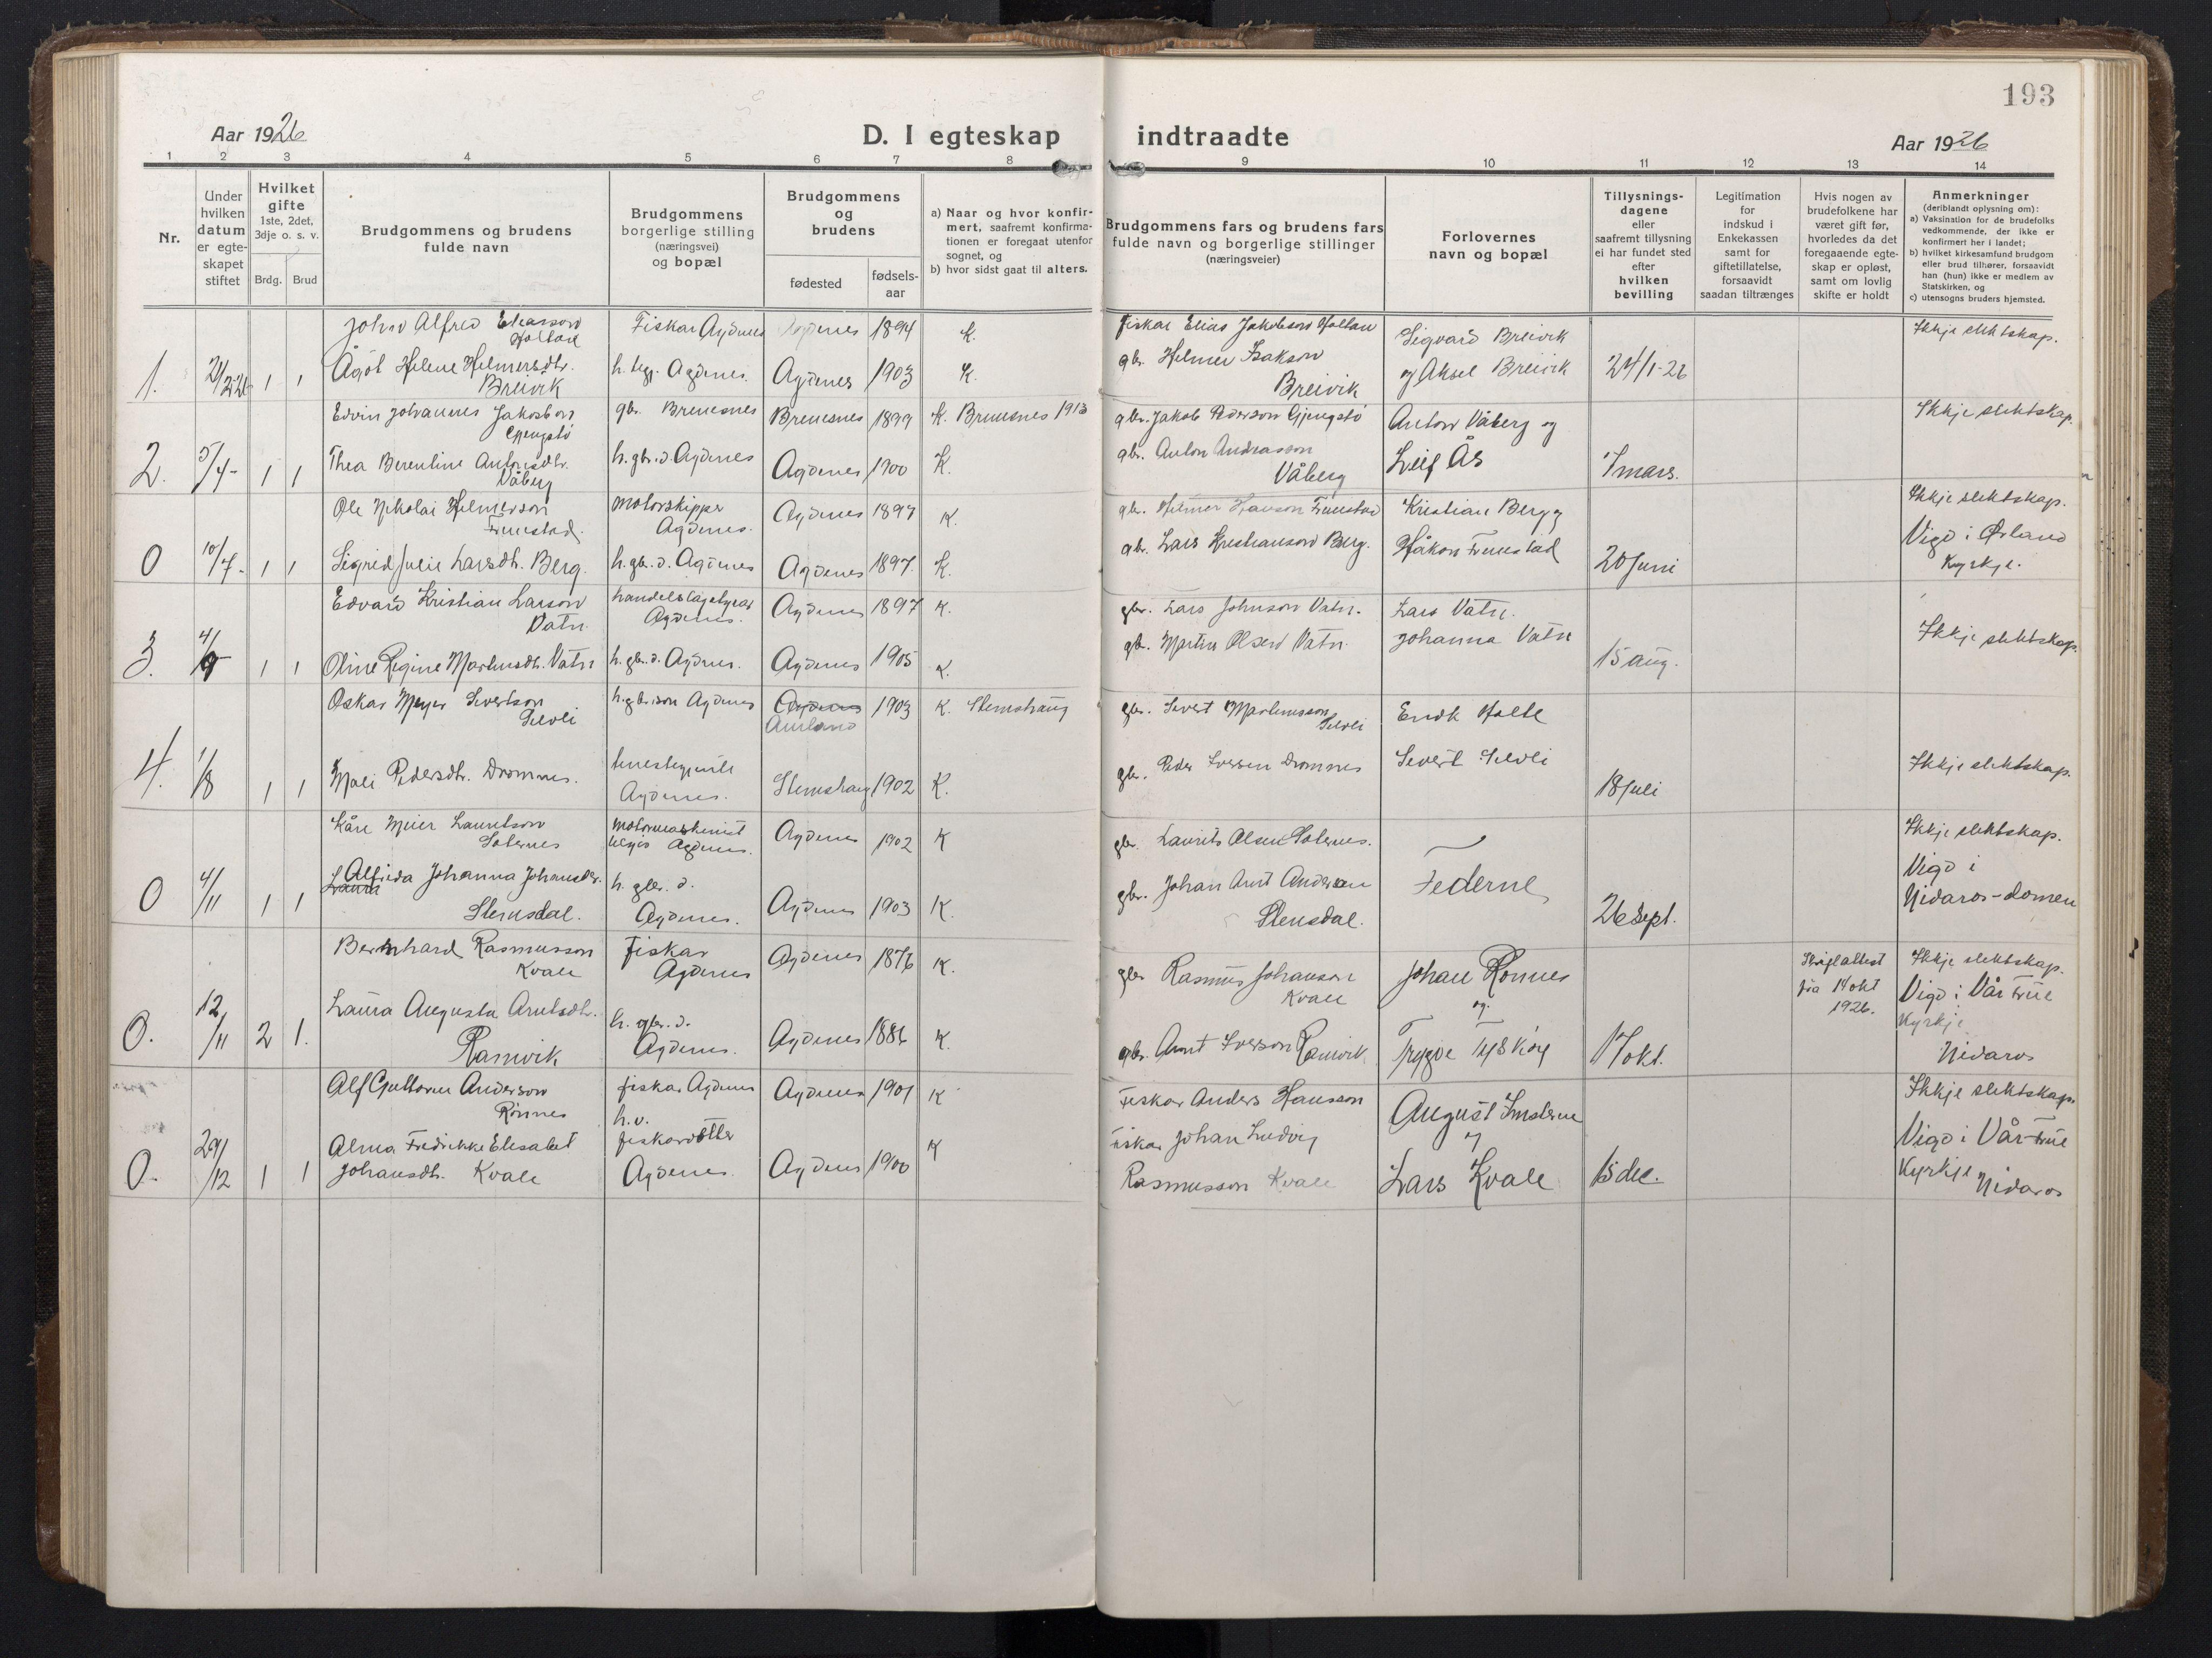 SAT, Ministerialprotokoller, klokkerbøker og fødselsregistre - Sør-Trøndelag, 662/L0758: Klokkerbok nr. 662C03, 1918-1948, s. 193